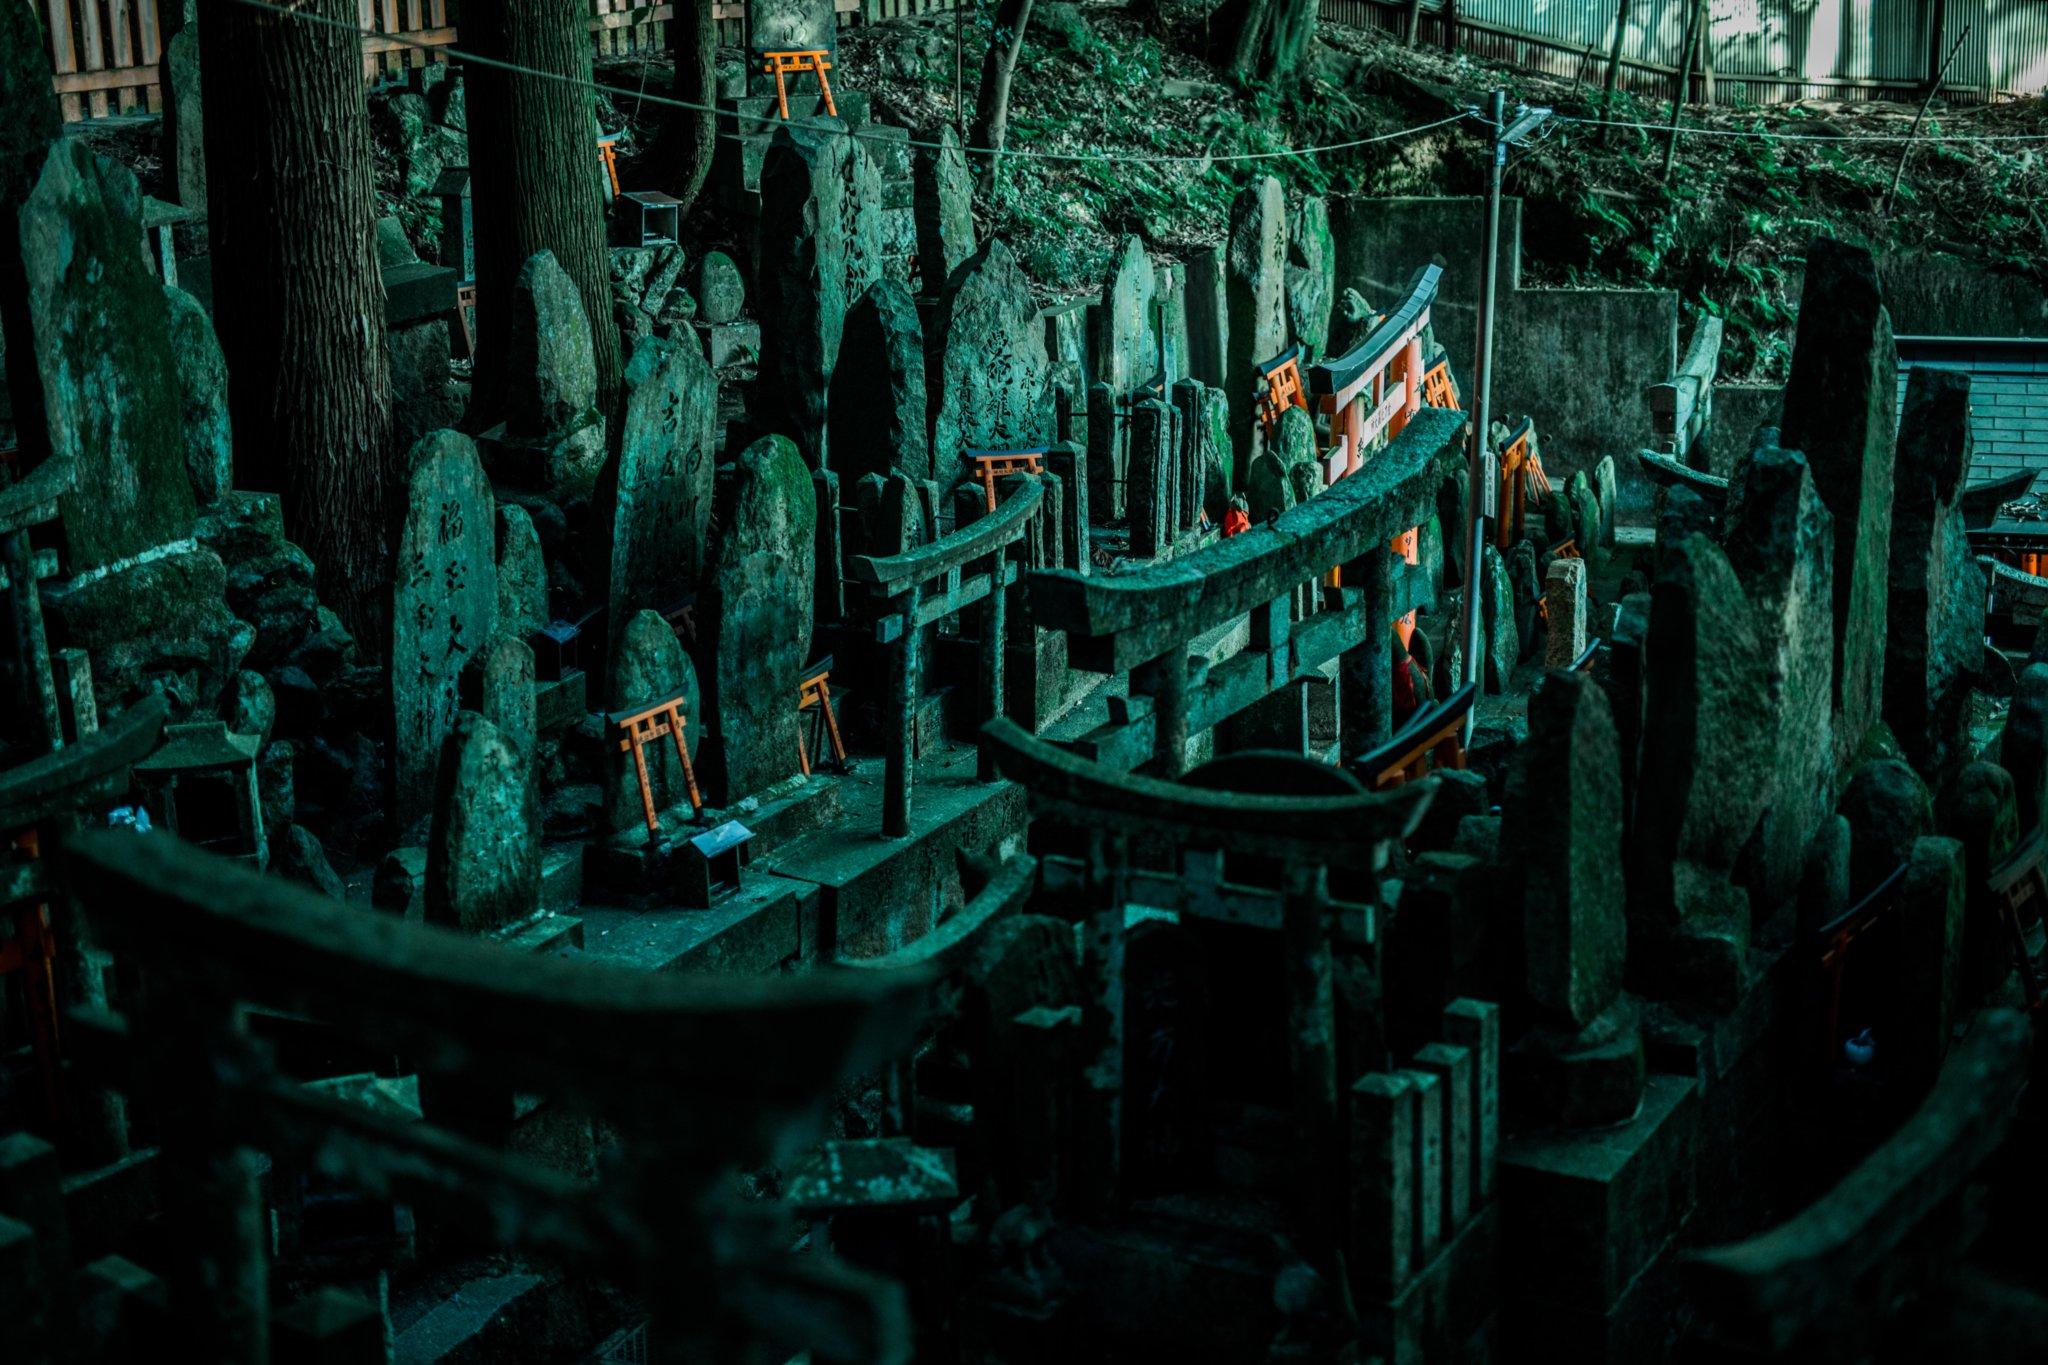 伏見稲荷神社は奥に行けば行くほど魔境じみていくのが面白くて定期的に行きたくなる